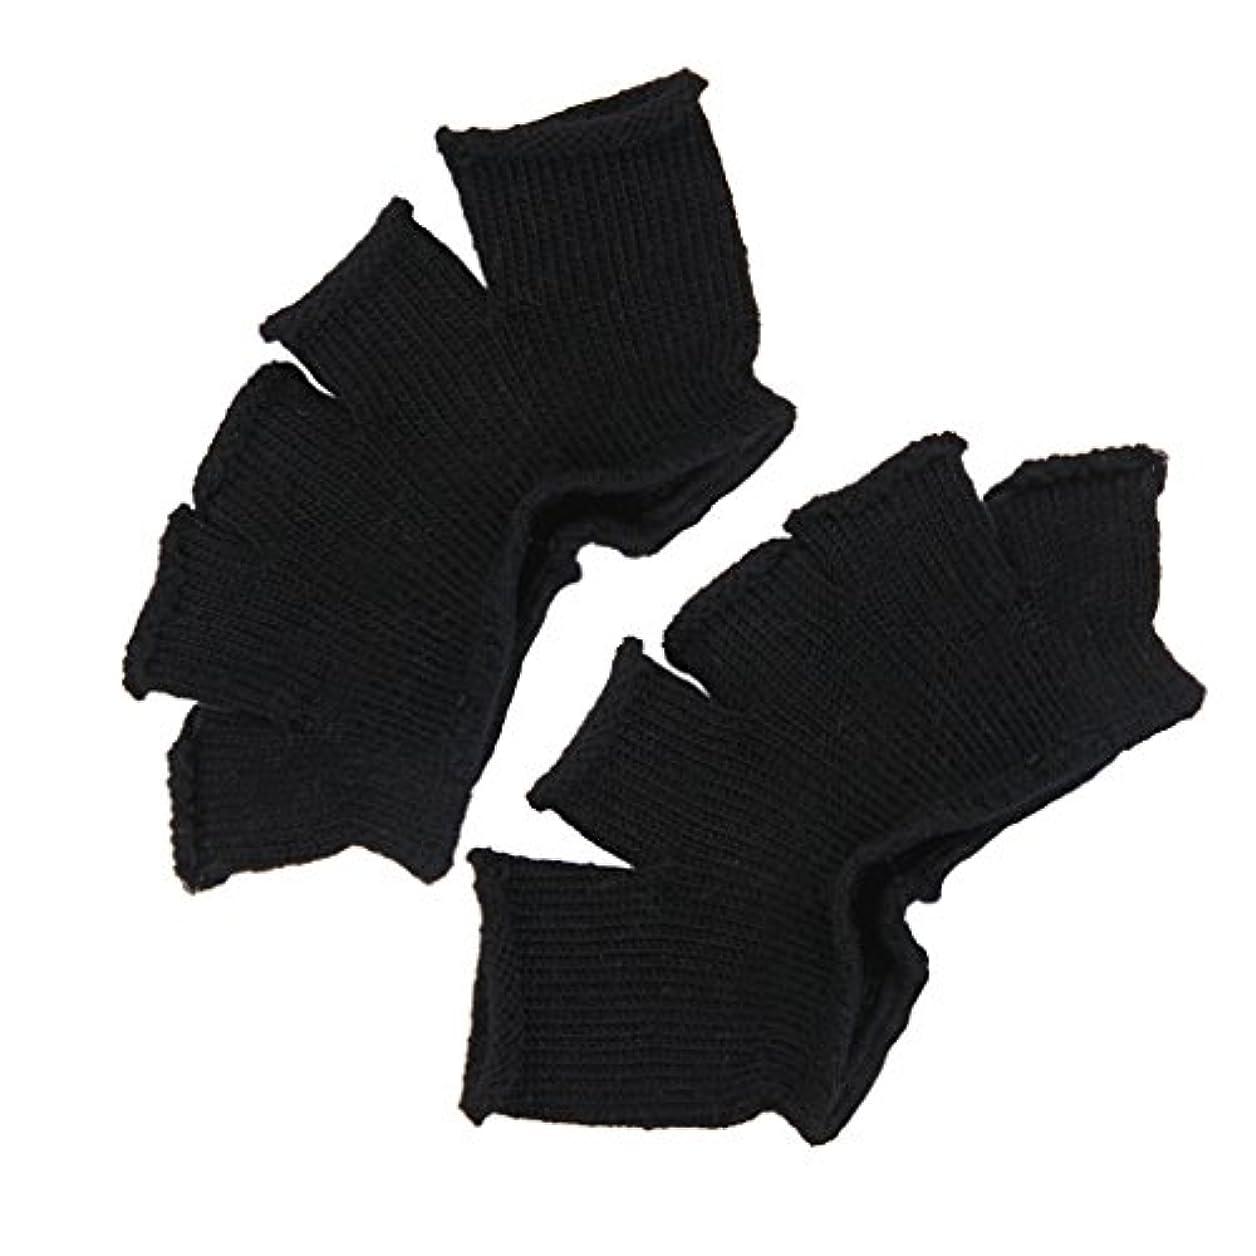 がんばり続ける半ば茎Footful 5本指カバー 爽快指の間カバー 2枚組 男女兼用 足の臭い対策 抗菌 防臭 フットカバー (ブラック)